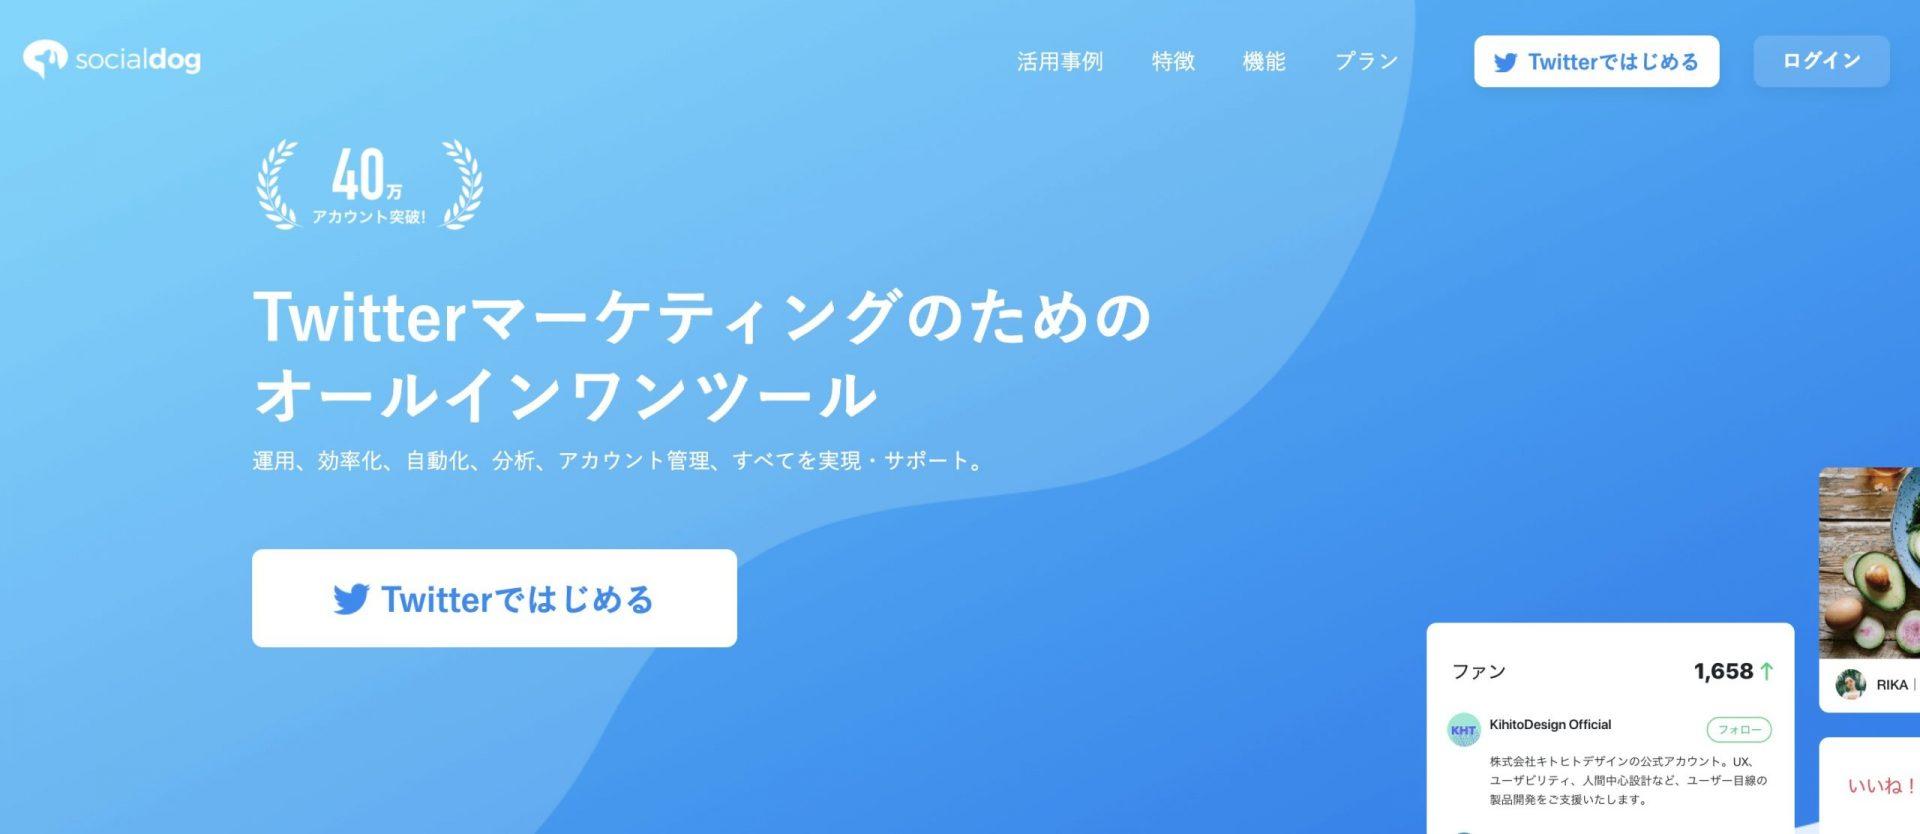 定期ツイートおすすめアプリ①:SocialDog